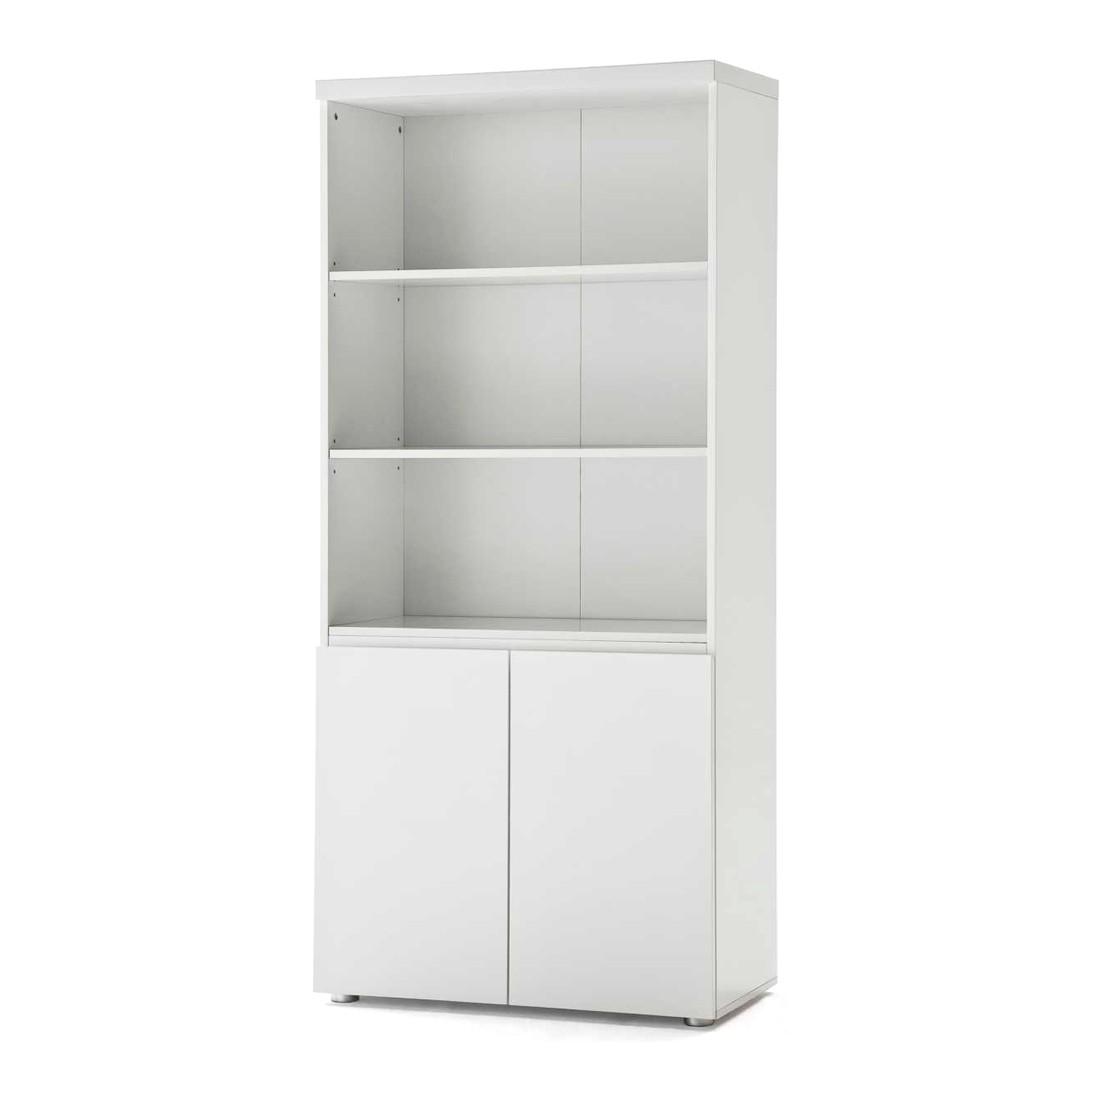 Kombischrank Paddington - 5 Ordnerhöhen - Hochglanz Weiß lackiert - mit zwei Türen